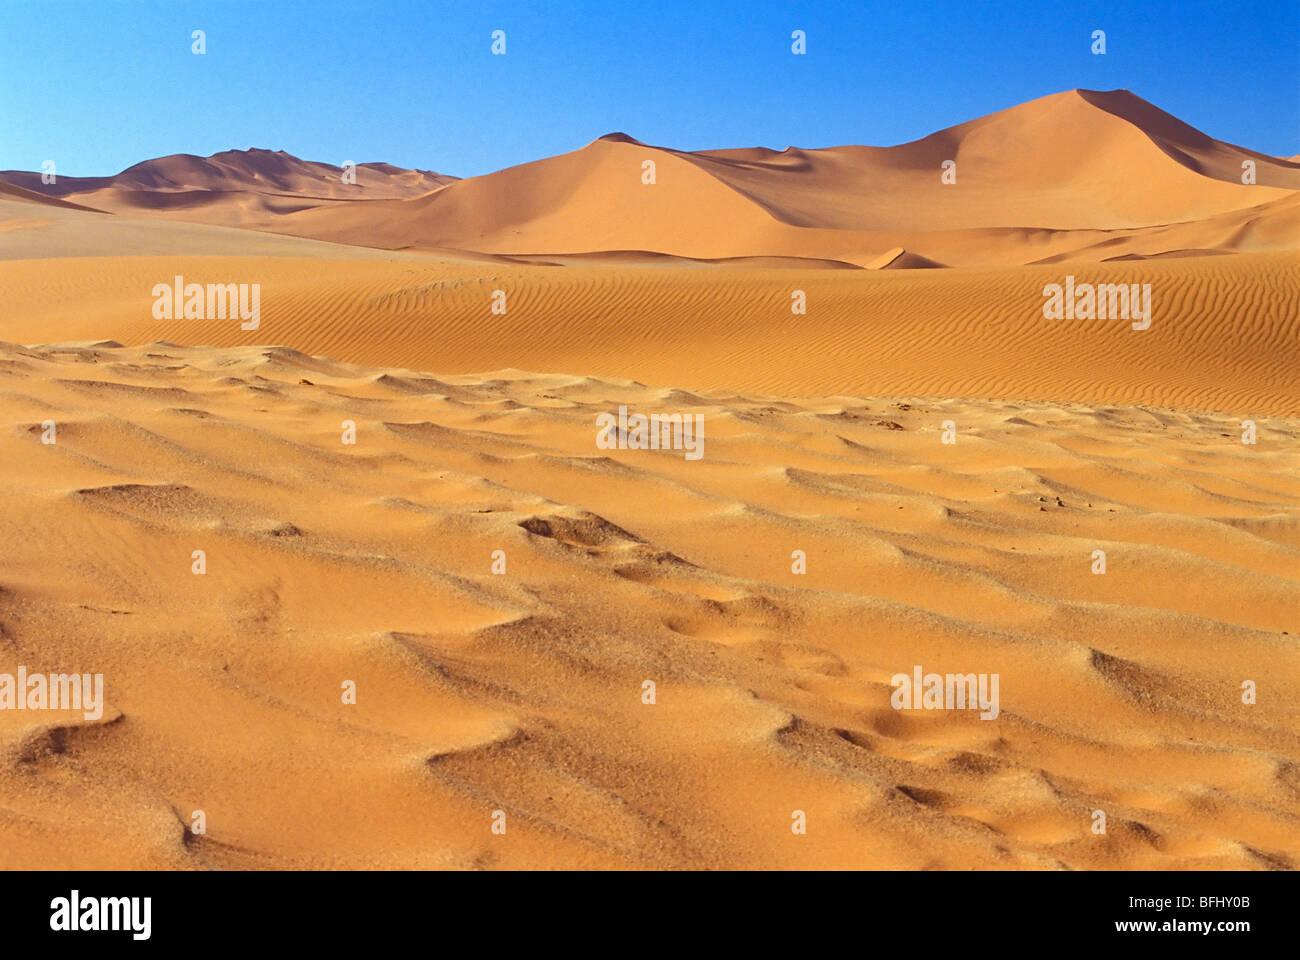 Dunes de sable dans le Parc National de Namib-Naukluft, Désert du Namib, Sossusvlei, Namibie, Afrique du Sud Photo Stock